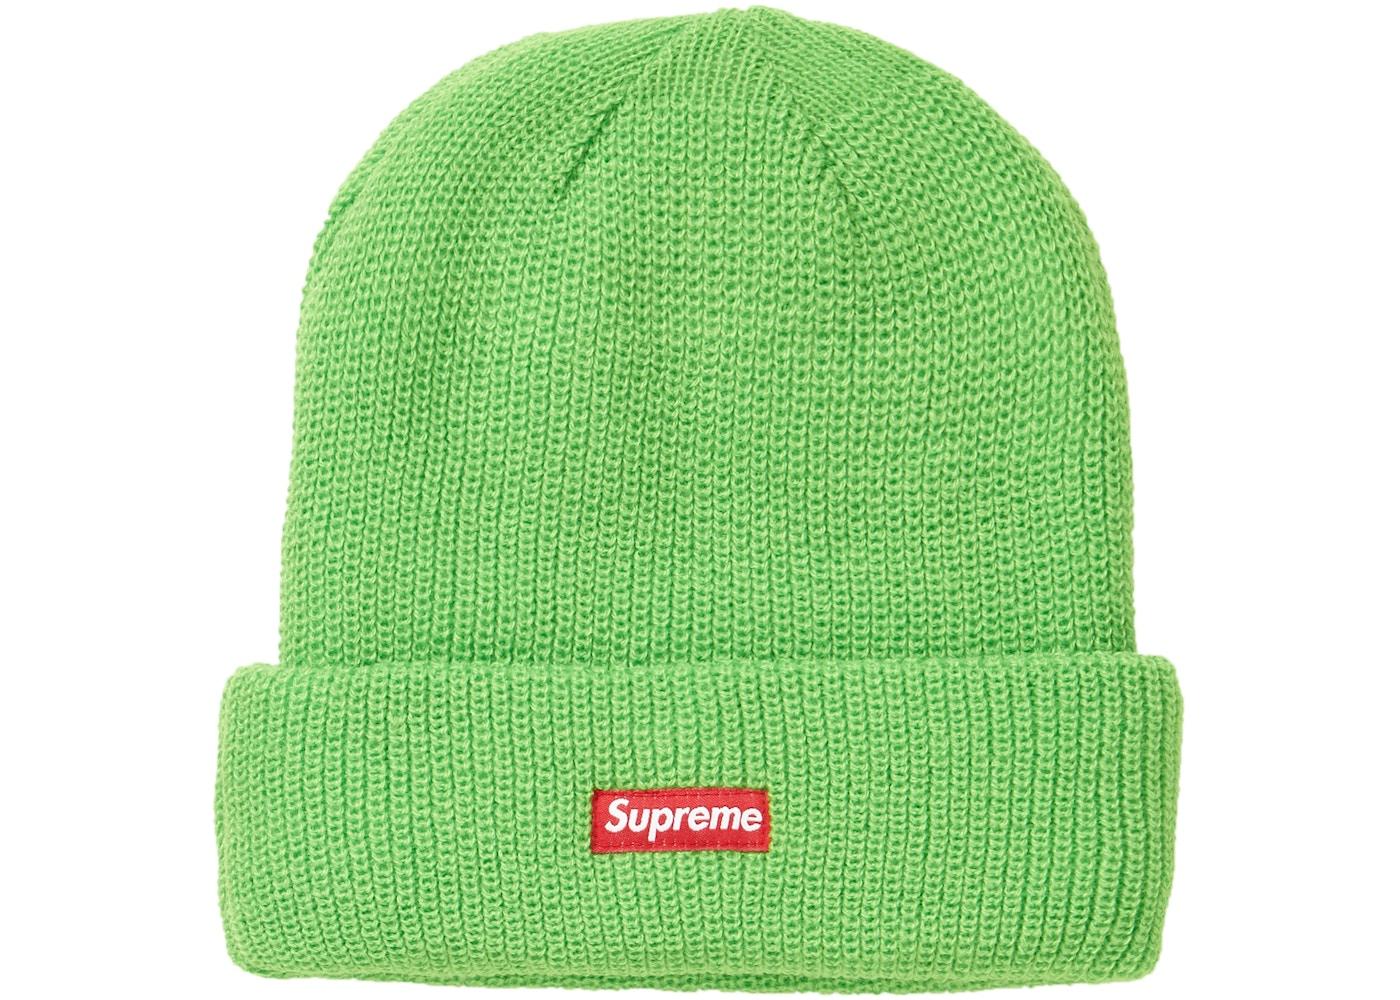 4d231e2899b31 Supreme GORE-TEX Beanie Lime - FW18